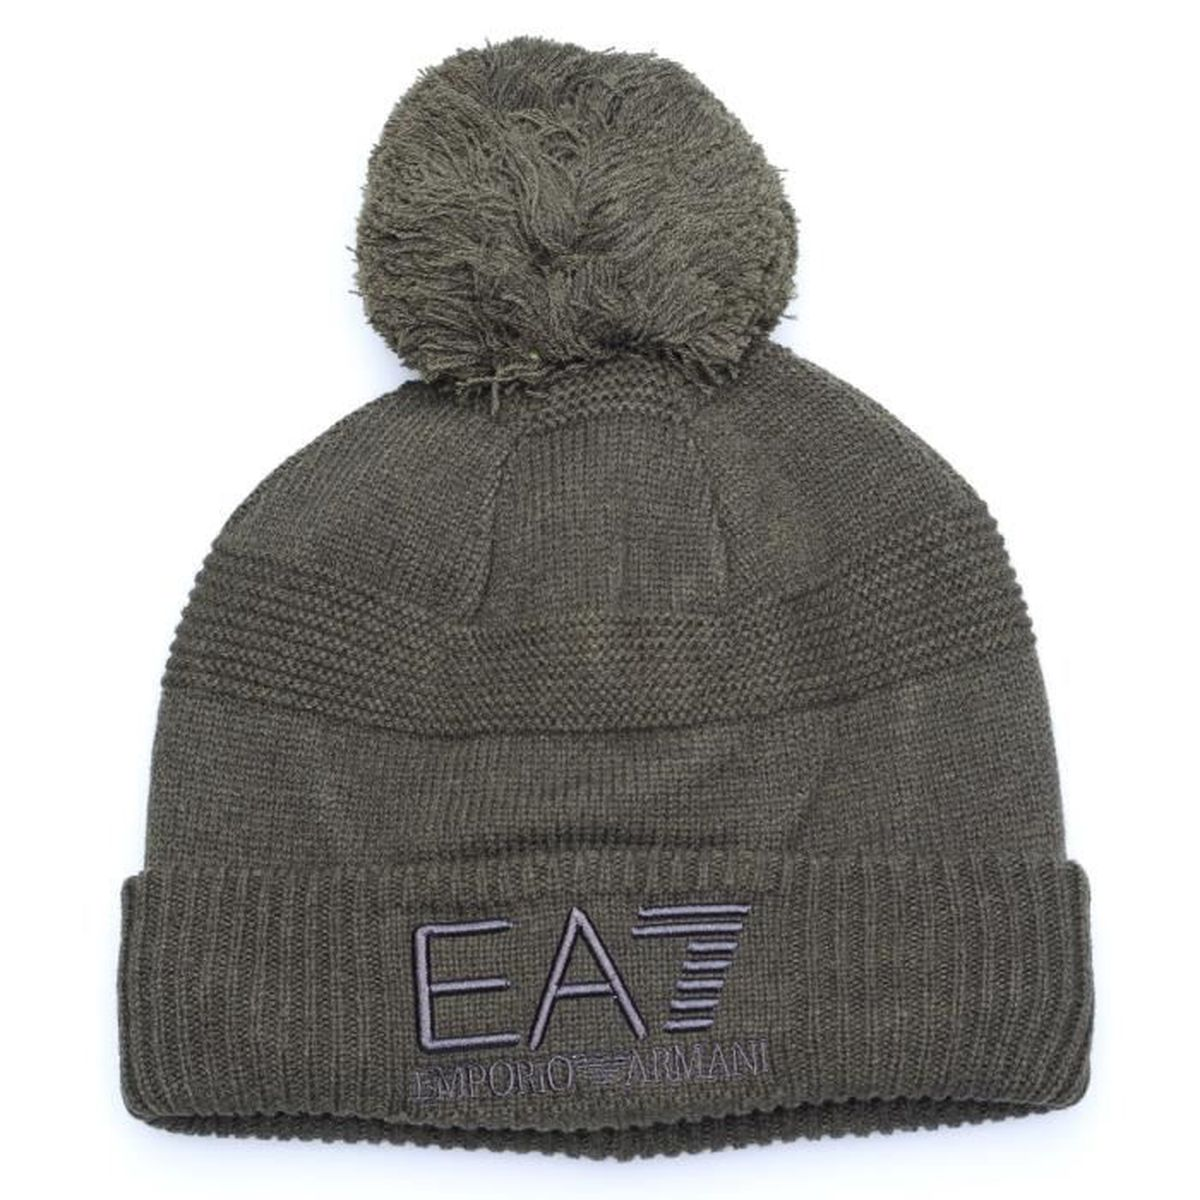 Bonnet EA7 Emporio Armani 275640 - 6a721 16444 ... - Achat   Vente ... 62e0fbdf689